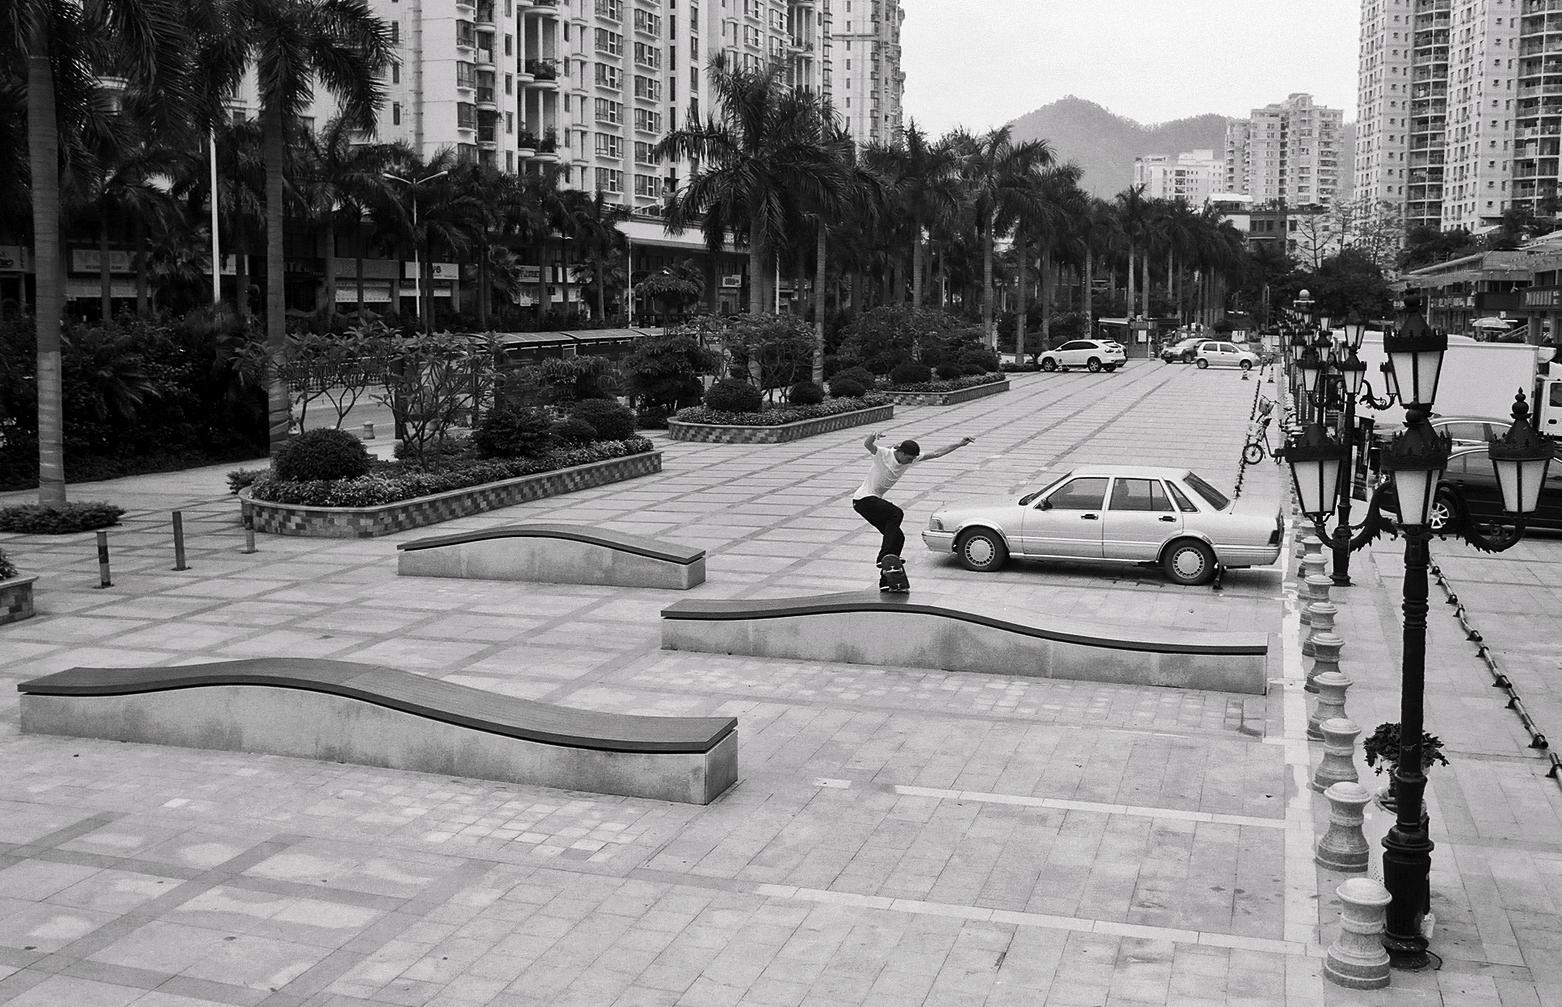 35mmPatrikWallner_Shenzhen_WalkerFsNosebluntWaveLOWQ.jpg